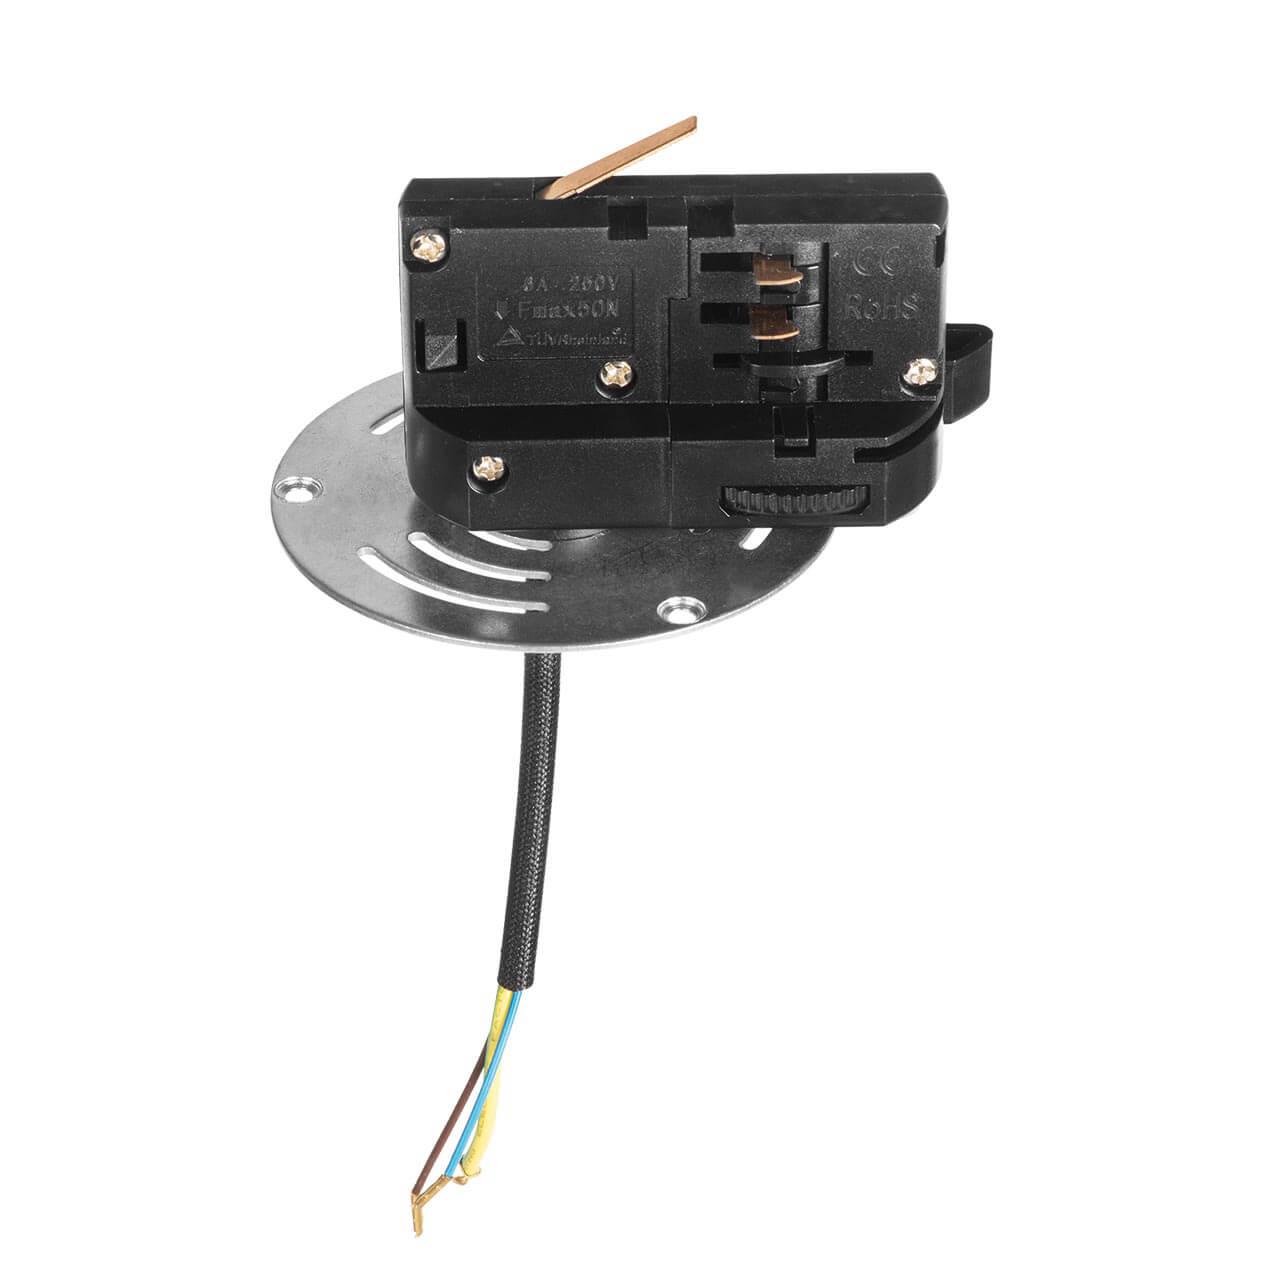 Адаптер для шинопровода Lightstar 594061 Asta (для трехфазного шинопровода)